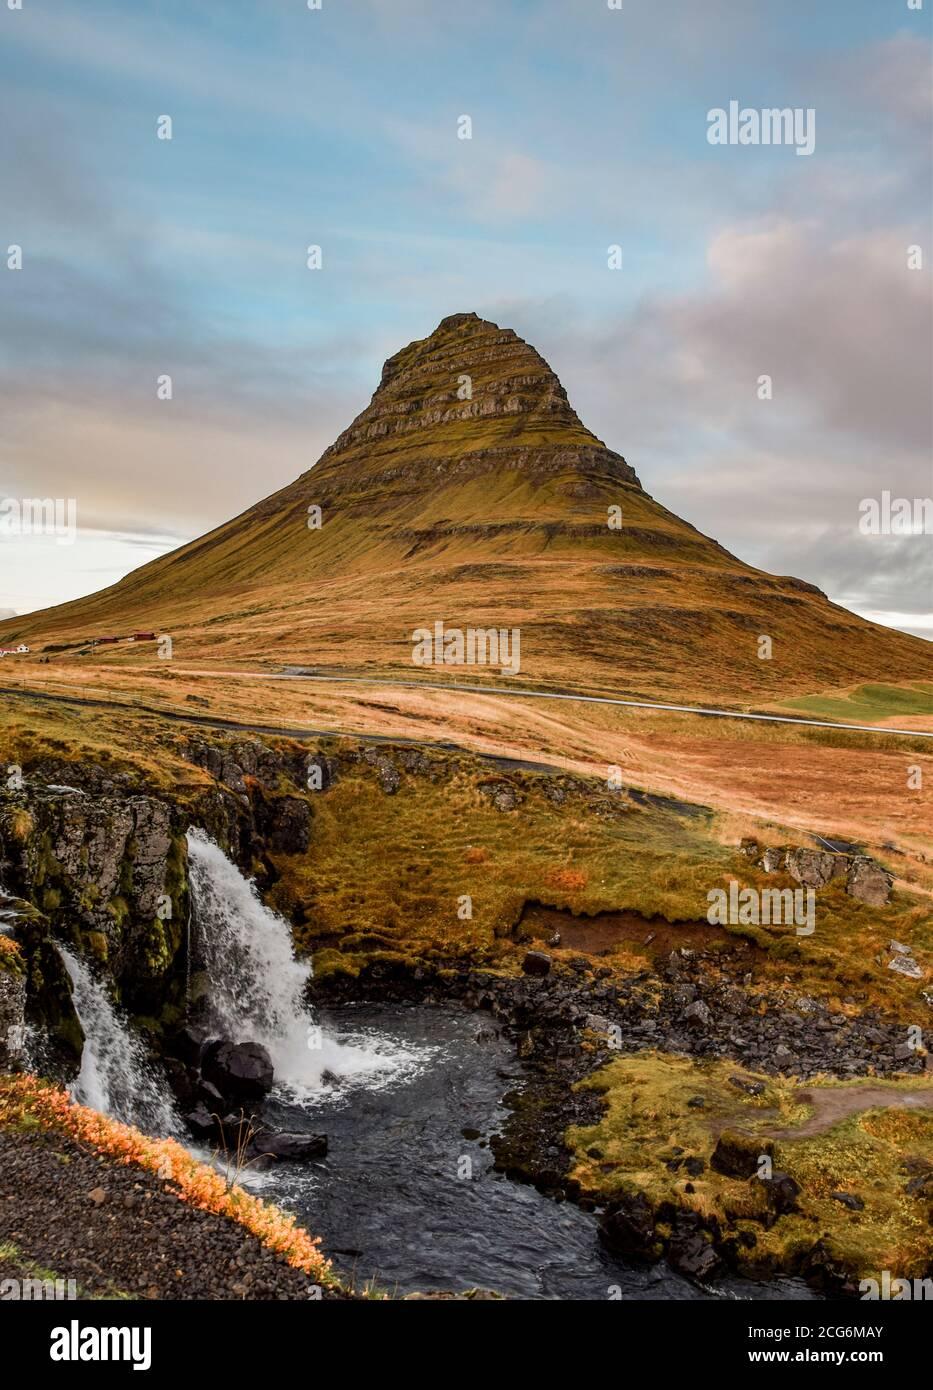 Montagne et cascade de Kirkjufell, au nord de la péninsule de Snaefellsness, en Islande Banque D'Images